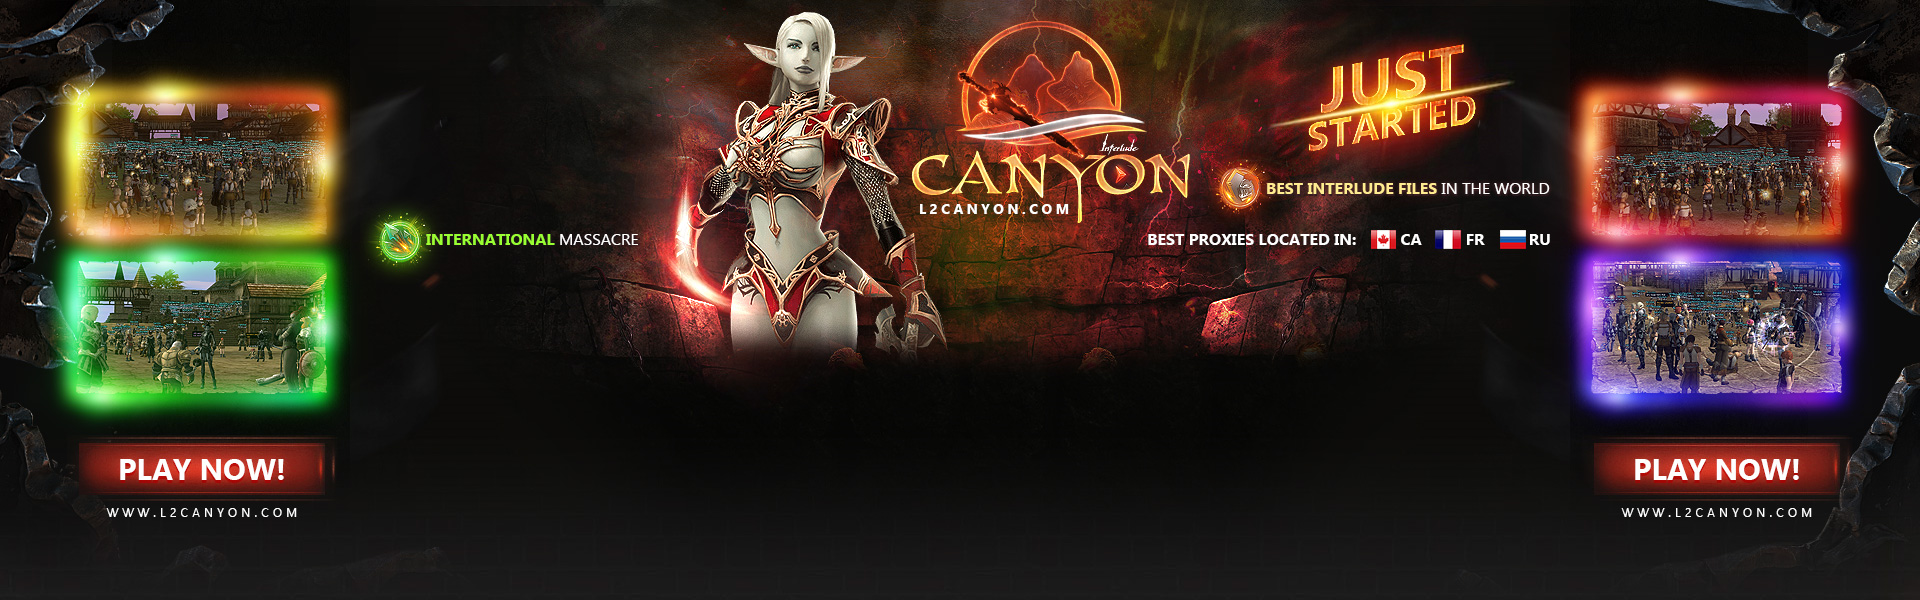 L2canyon